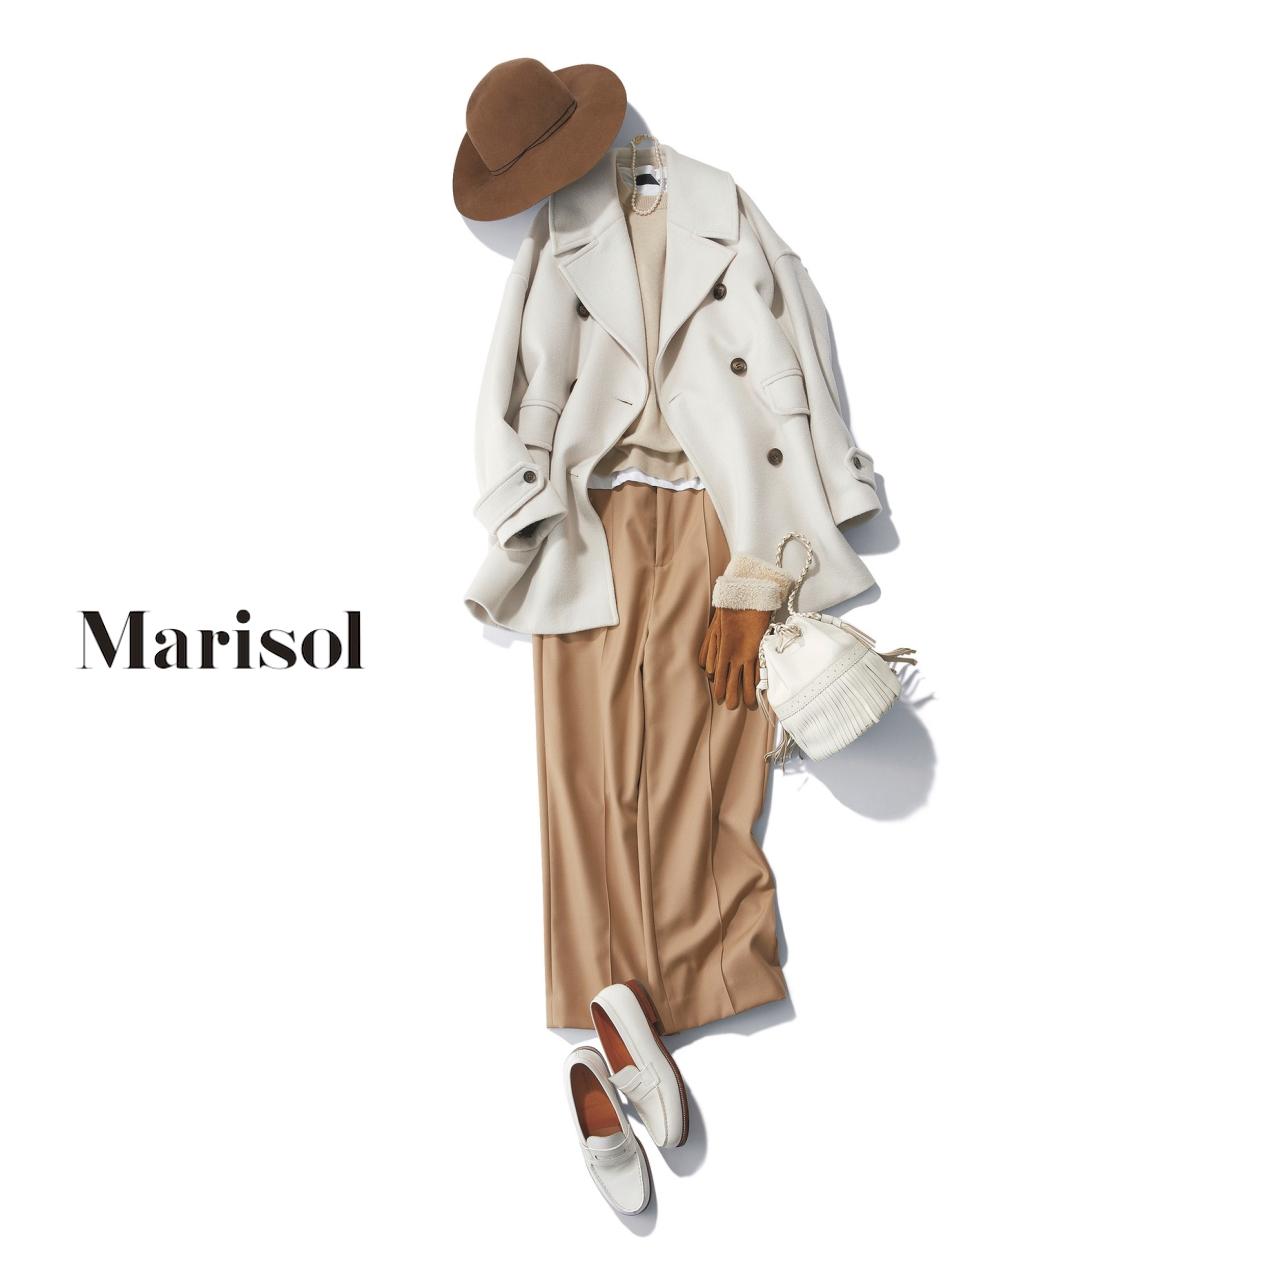 40代ファッション Pコート×ニット×パンツ×ローファーコーデ